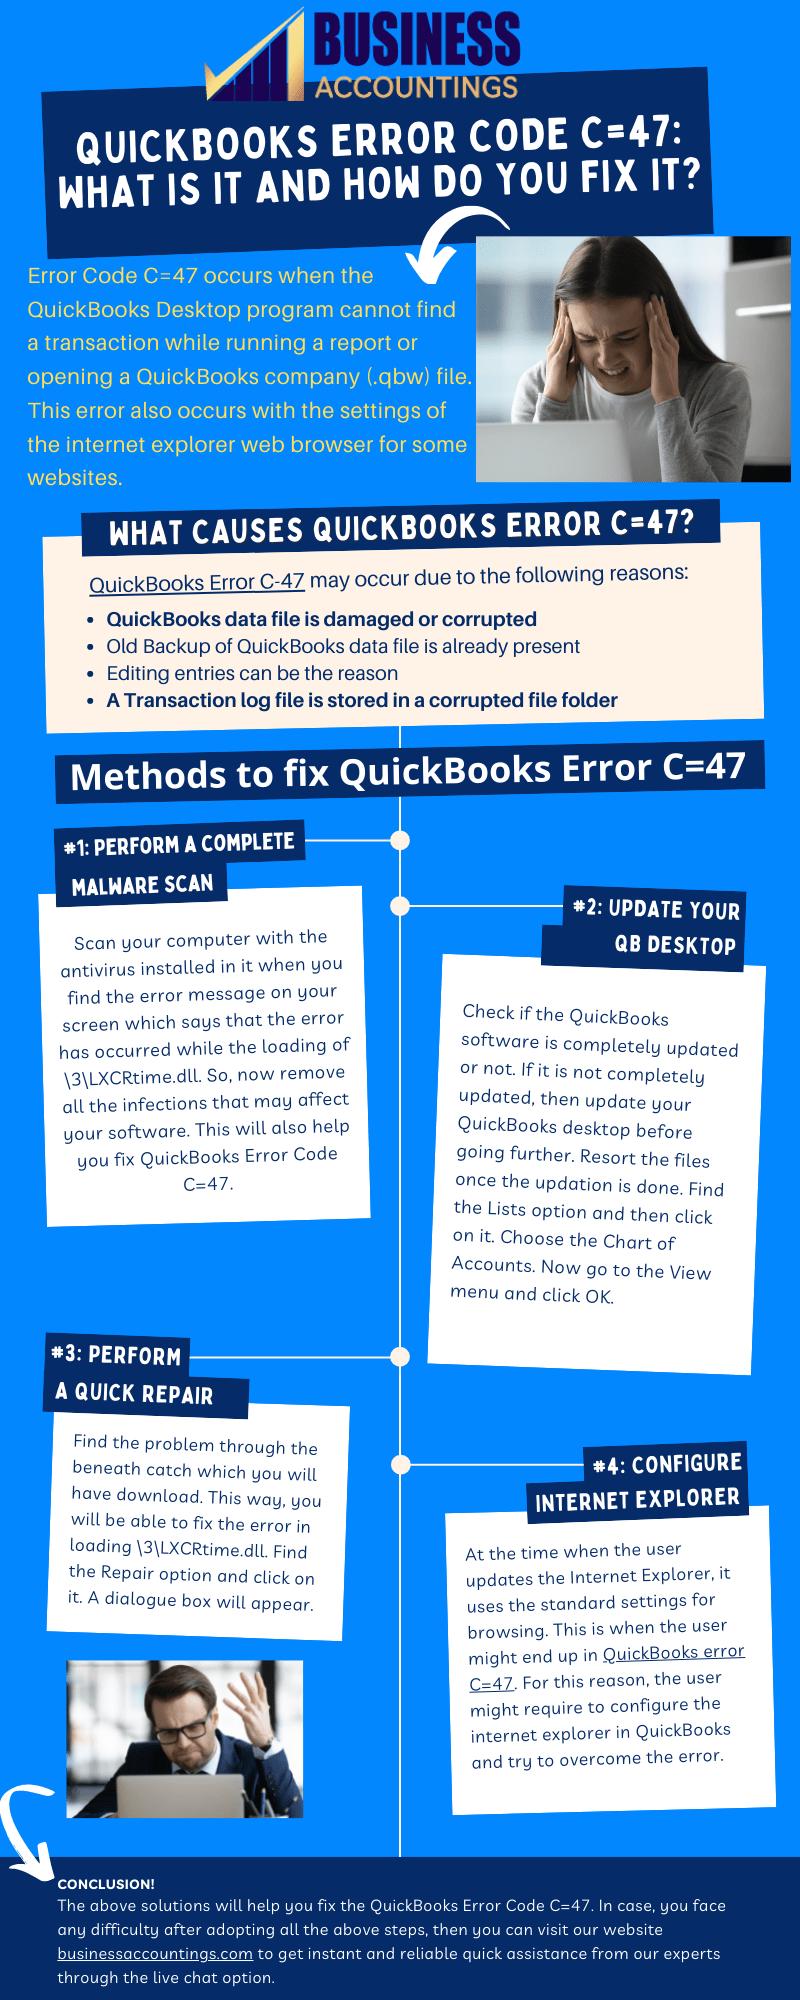 Infographic of QuickBooks Error Code C=47